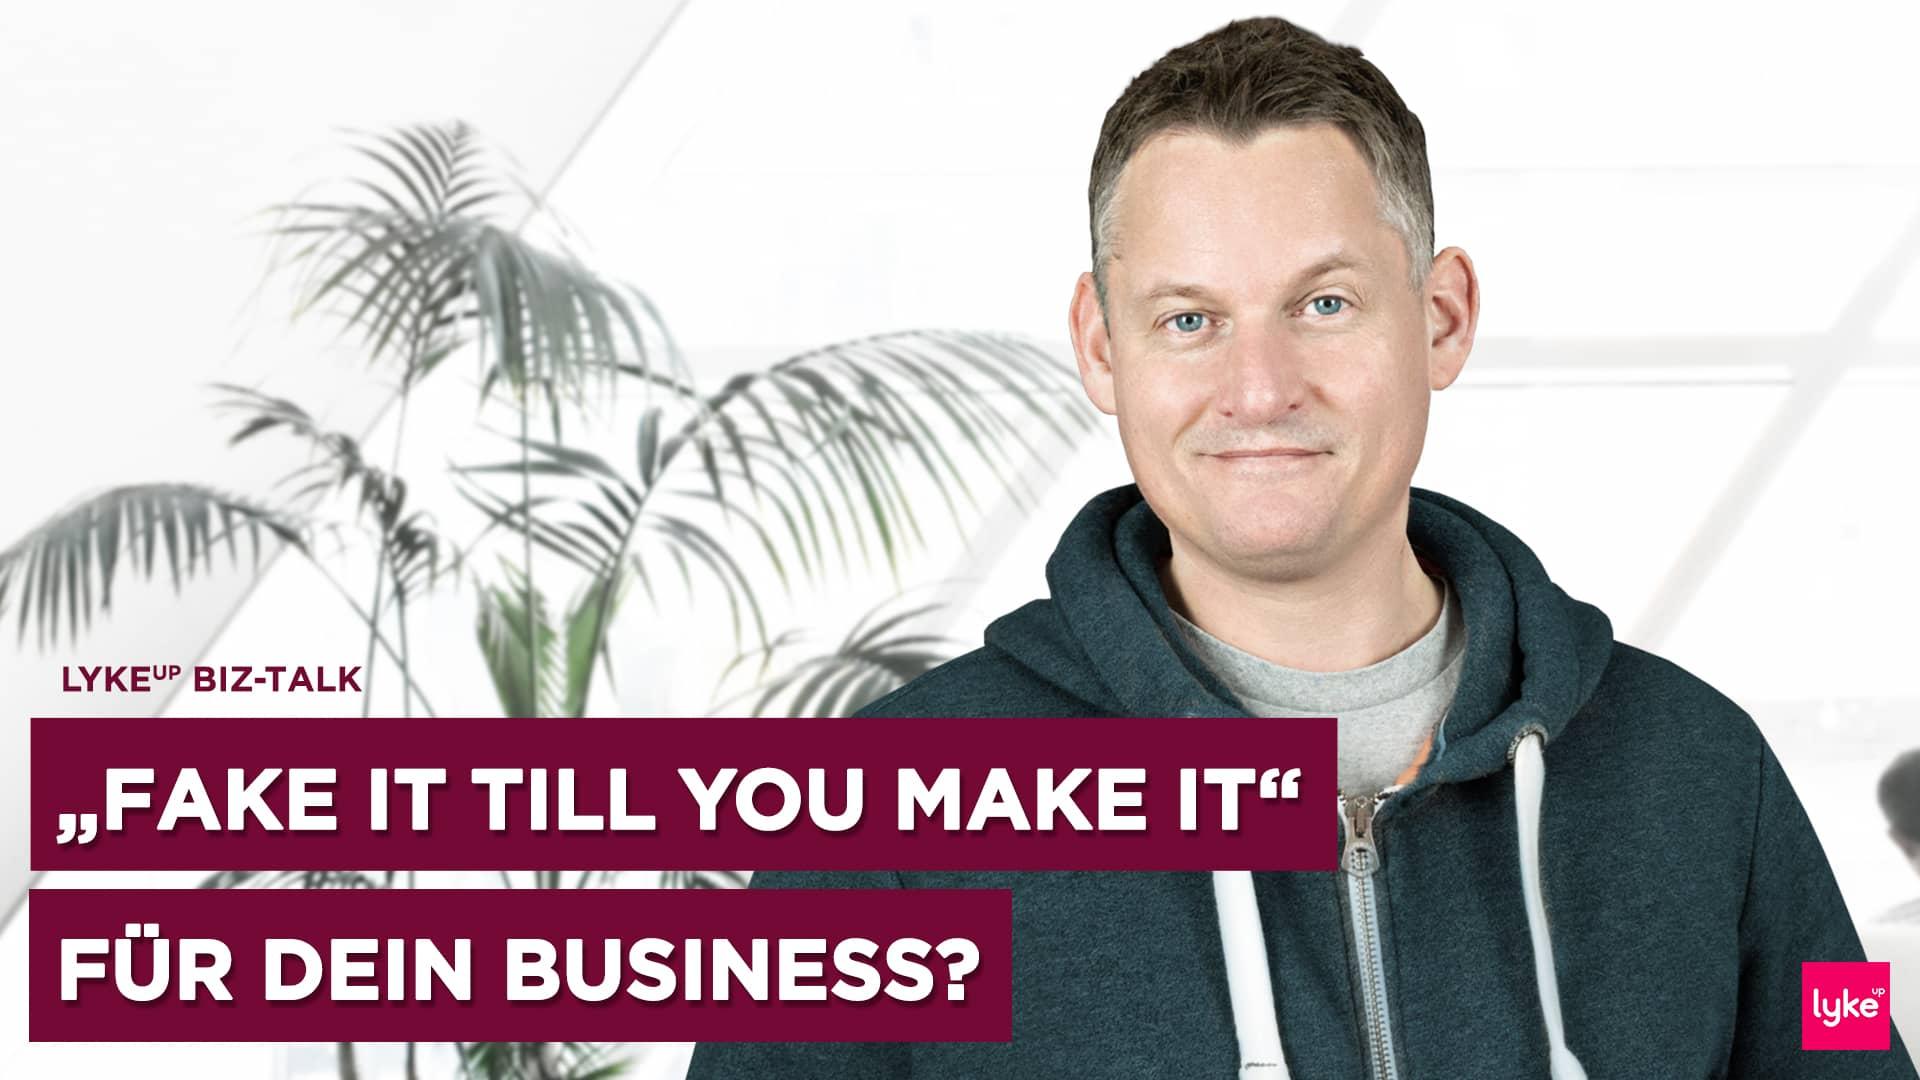 Fake it till you make it als Grundlage für dein Business